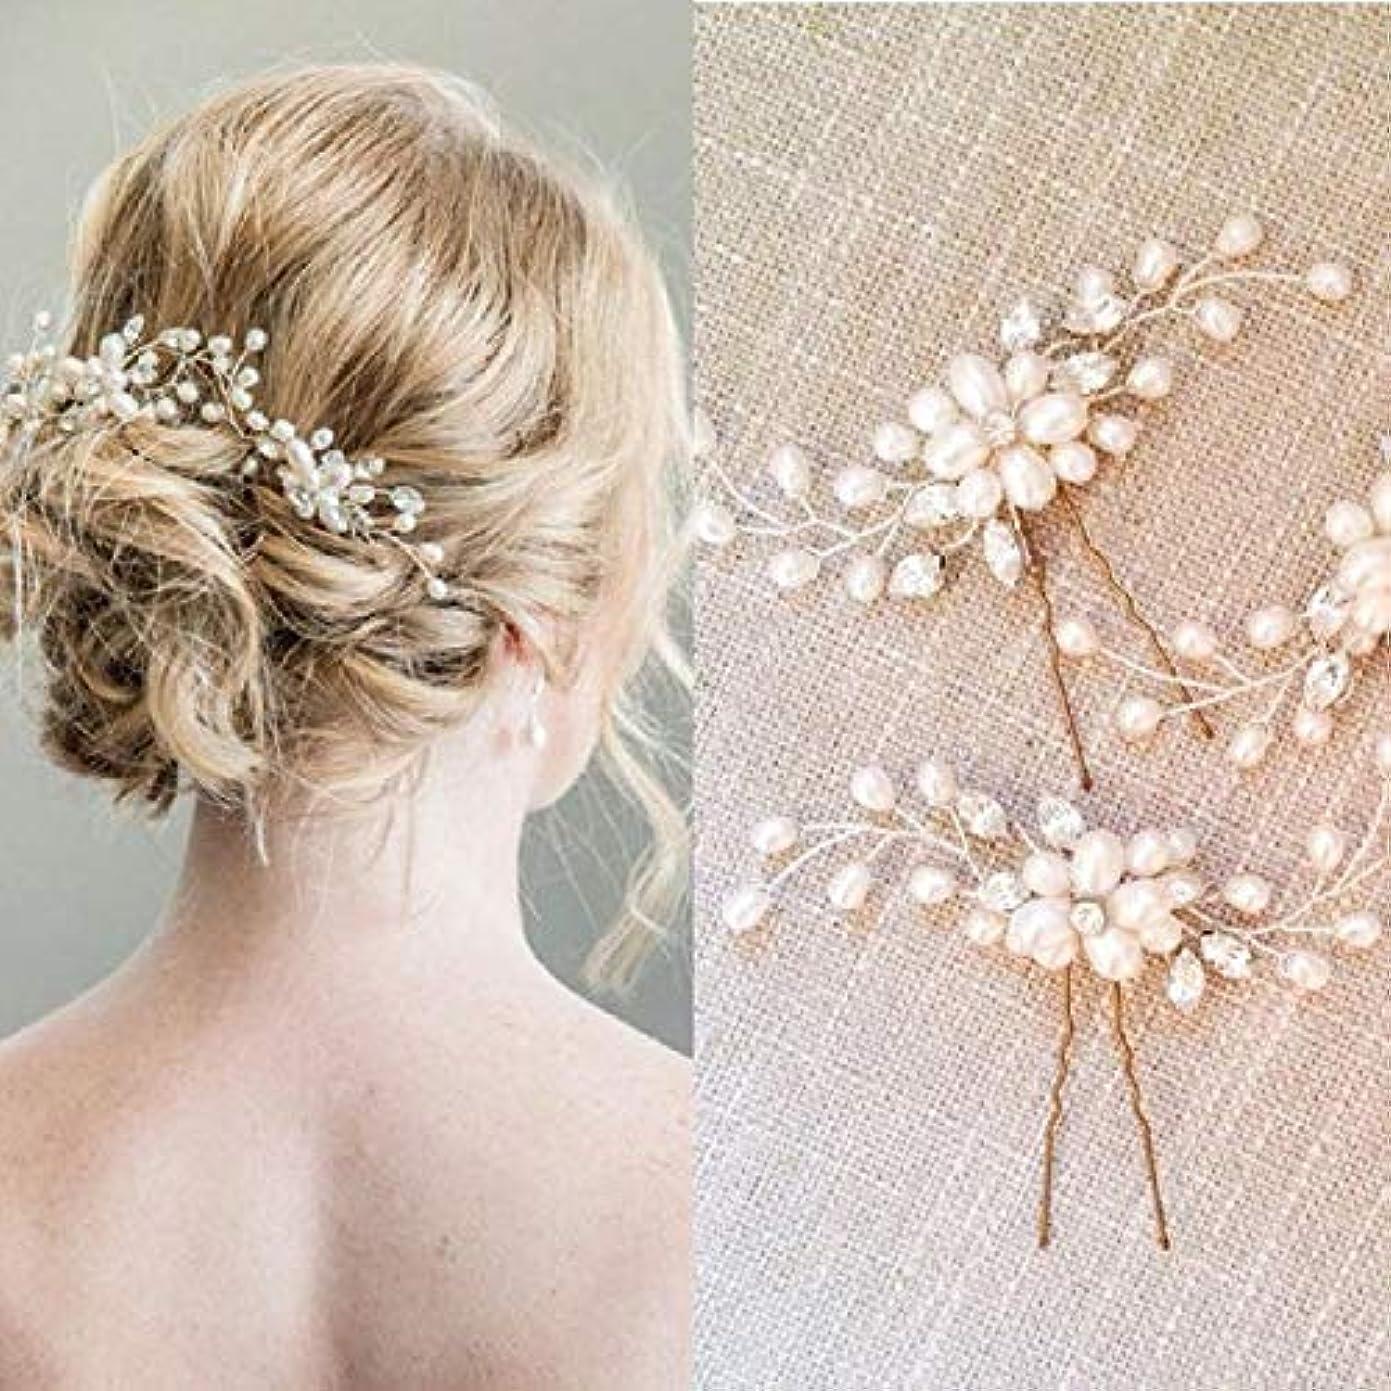 悪名高い系統的誤解Hairpinheair YHM 2ピース祭り結婚式ヘアアクセサリーブライダルヘアスティック花ヘアピン美しいヘッドドレスひだヘアクリップつるアクセサリー